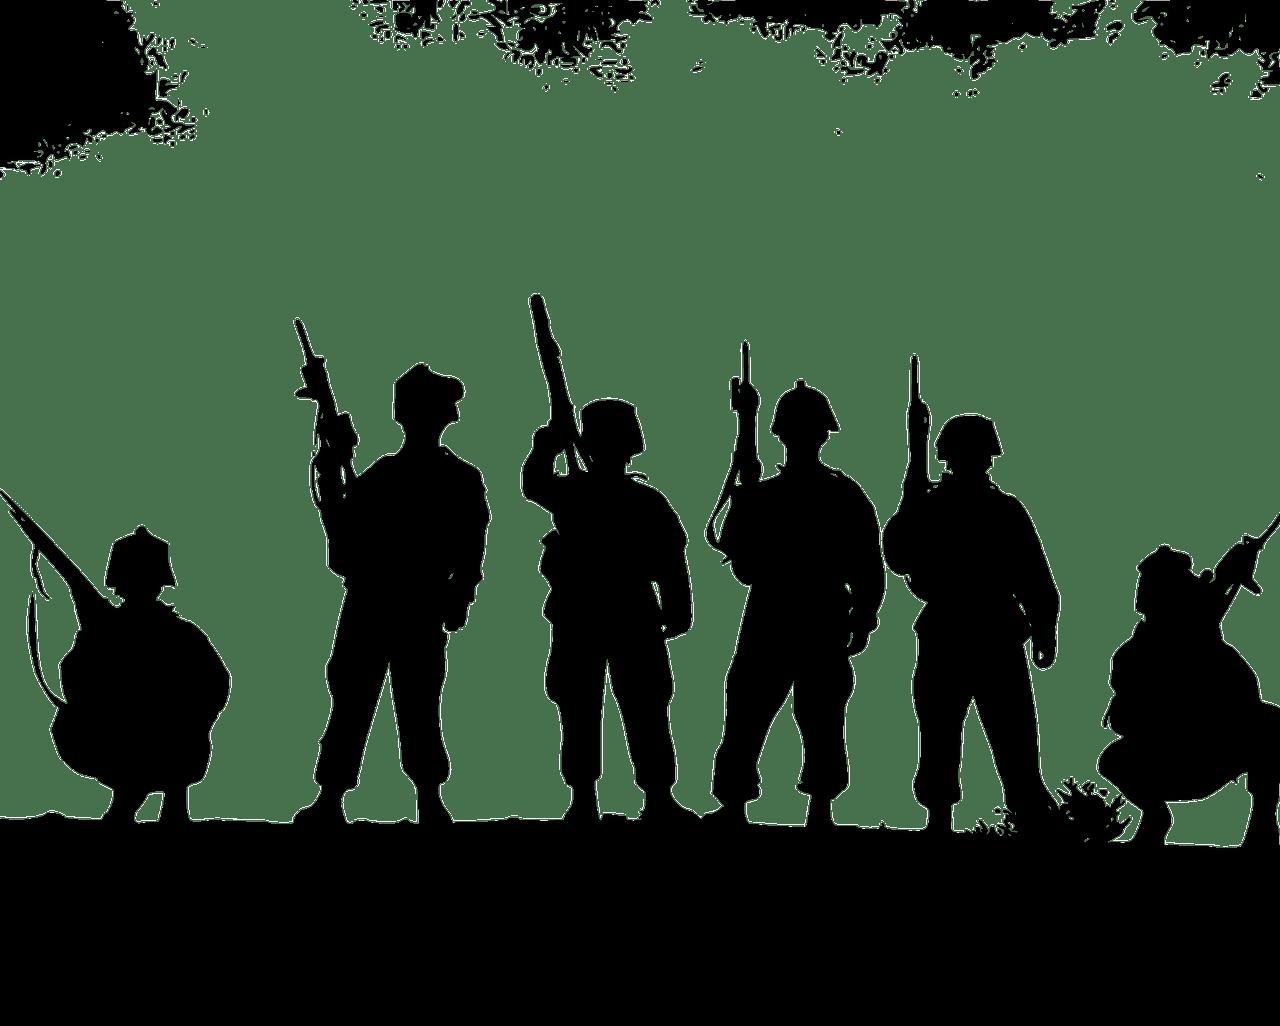 La expansión de la insurgencia yihadista en el Sahel